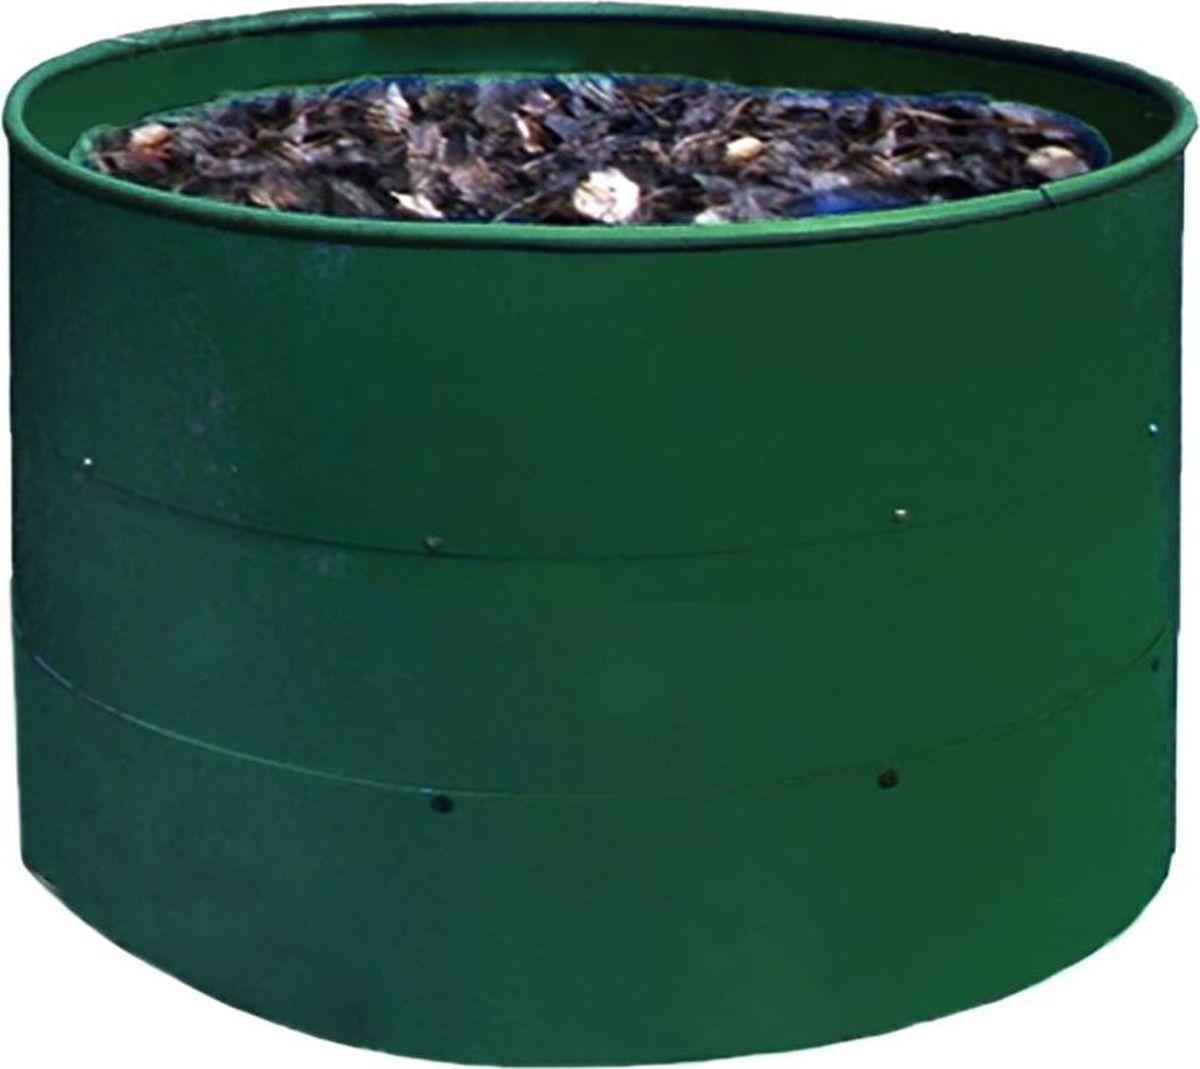 Компостер садовый ГарденПласт, 500 л1822852Компостер ГарденПласт позволяет создать на дачном участке безотходное производство. С помощью аккуратного компактного контейнера (ширина - 35 см, высота - 0,7 м) вы одновременно избавитесь от убранных листьев и травы и получить удобрение.Преимущества изделия:Можно собрать, разобрать и увезти с дачи на зиму.Помещается в автомобиле благодаря компактным размерам (35; 25; 35 см).Требует минимум ухода, всегда выглядит как новое.Не деформируется в морозы, не выцветает на солнце.